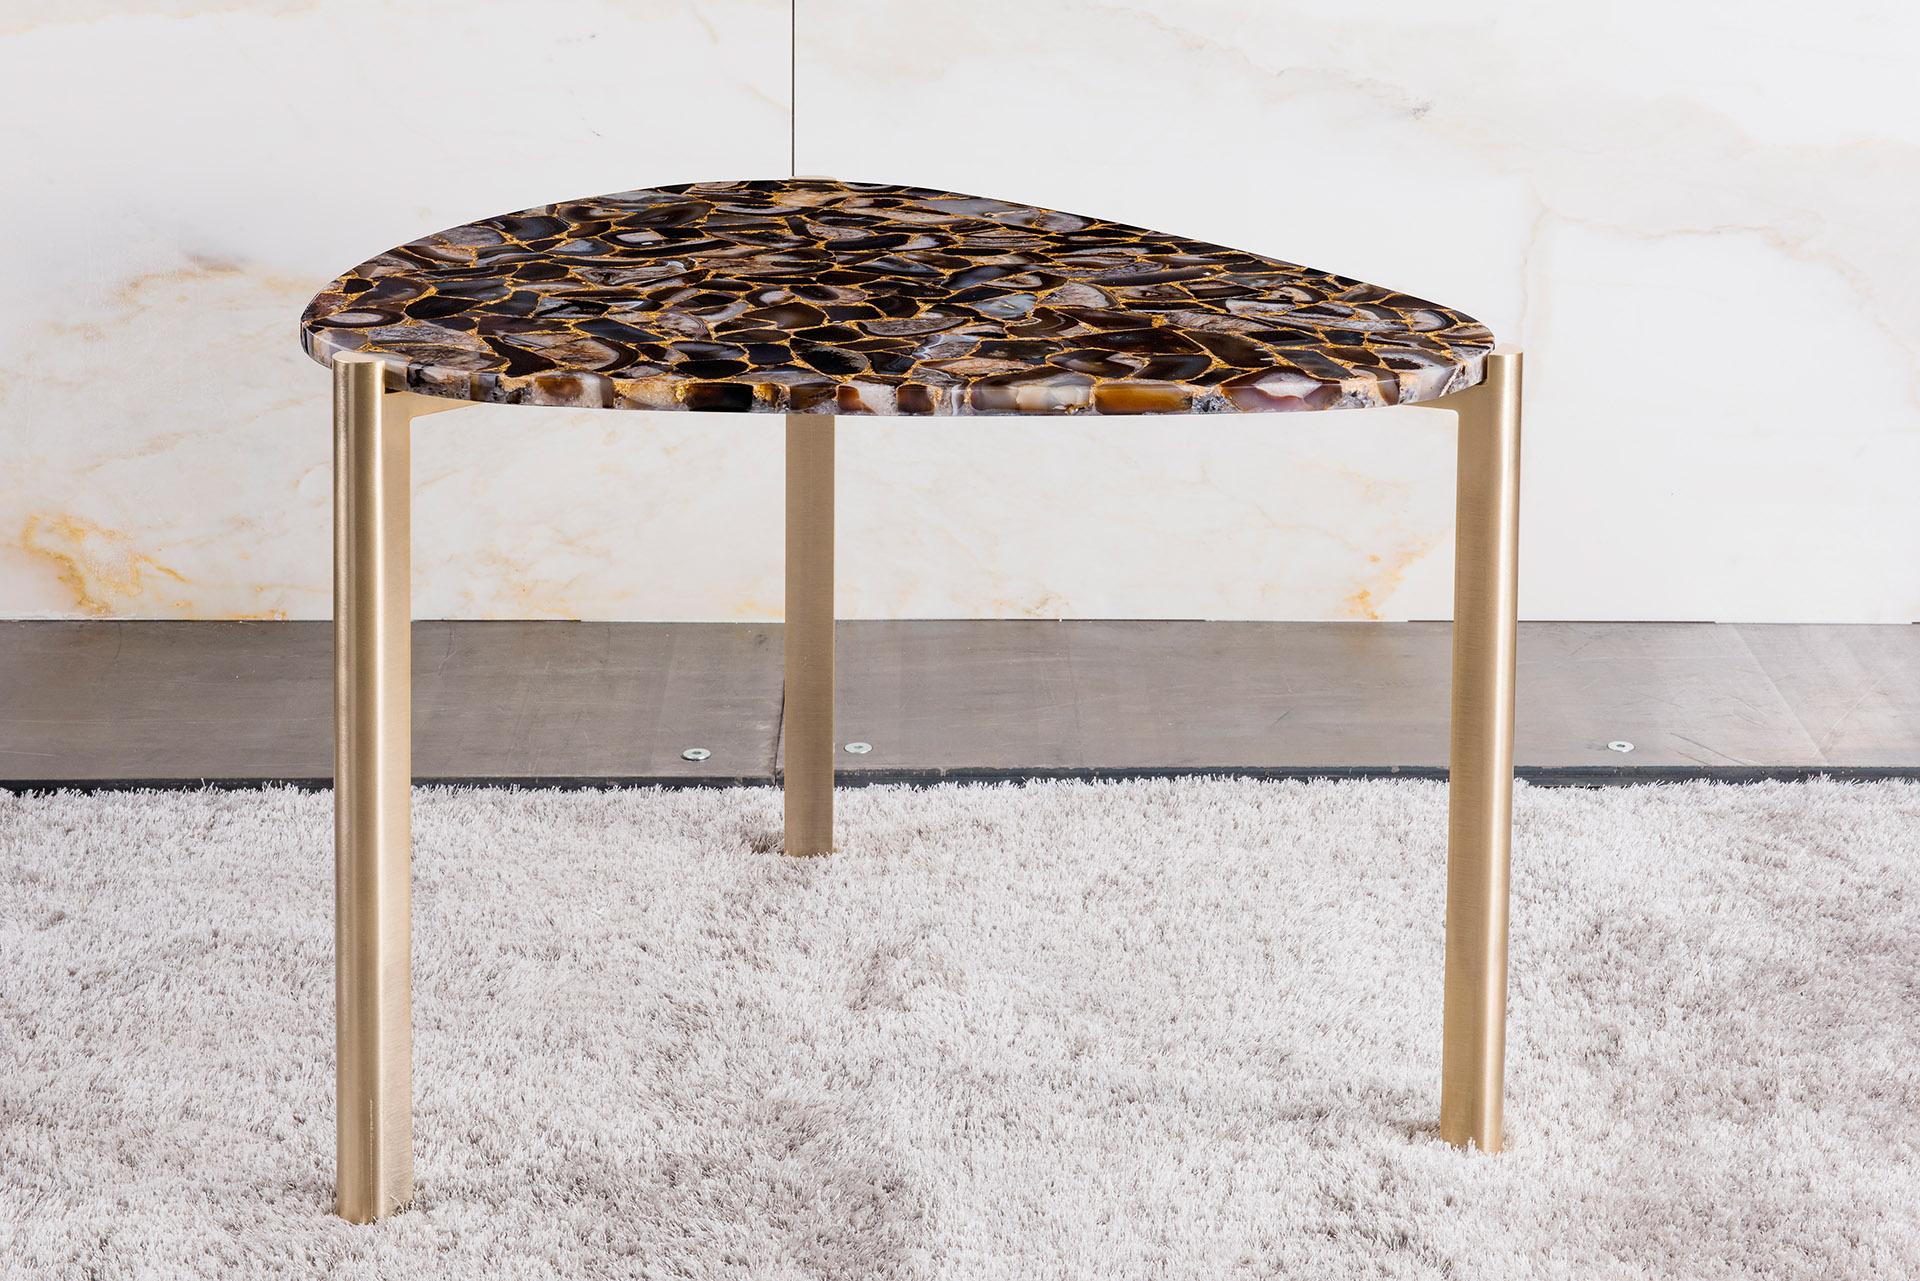 Umbra Agate side table model Sona